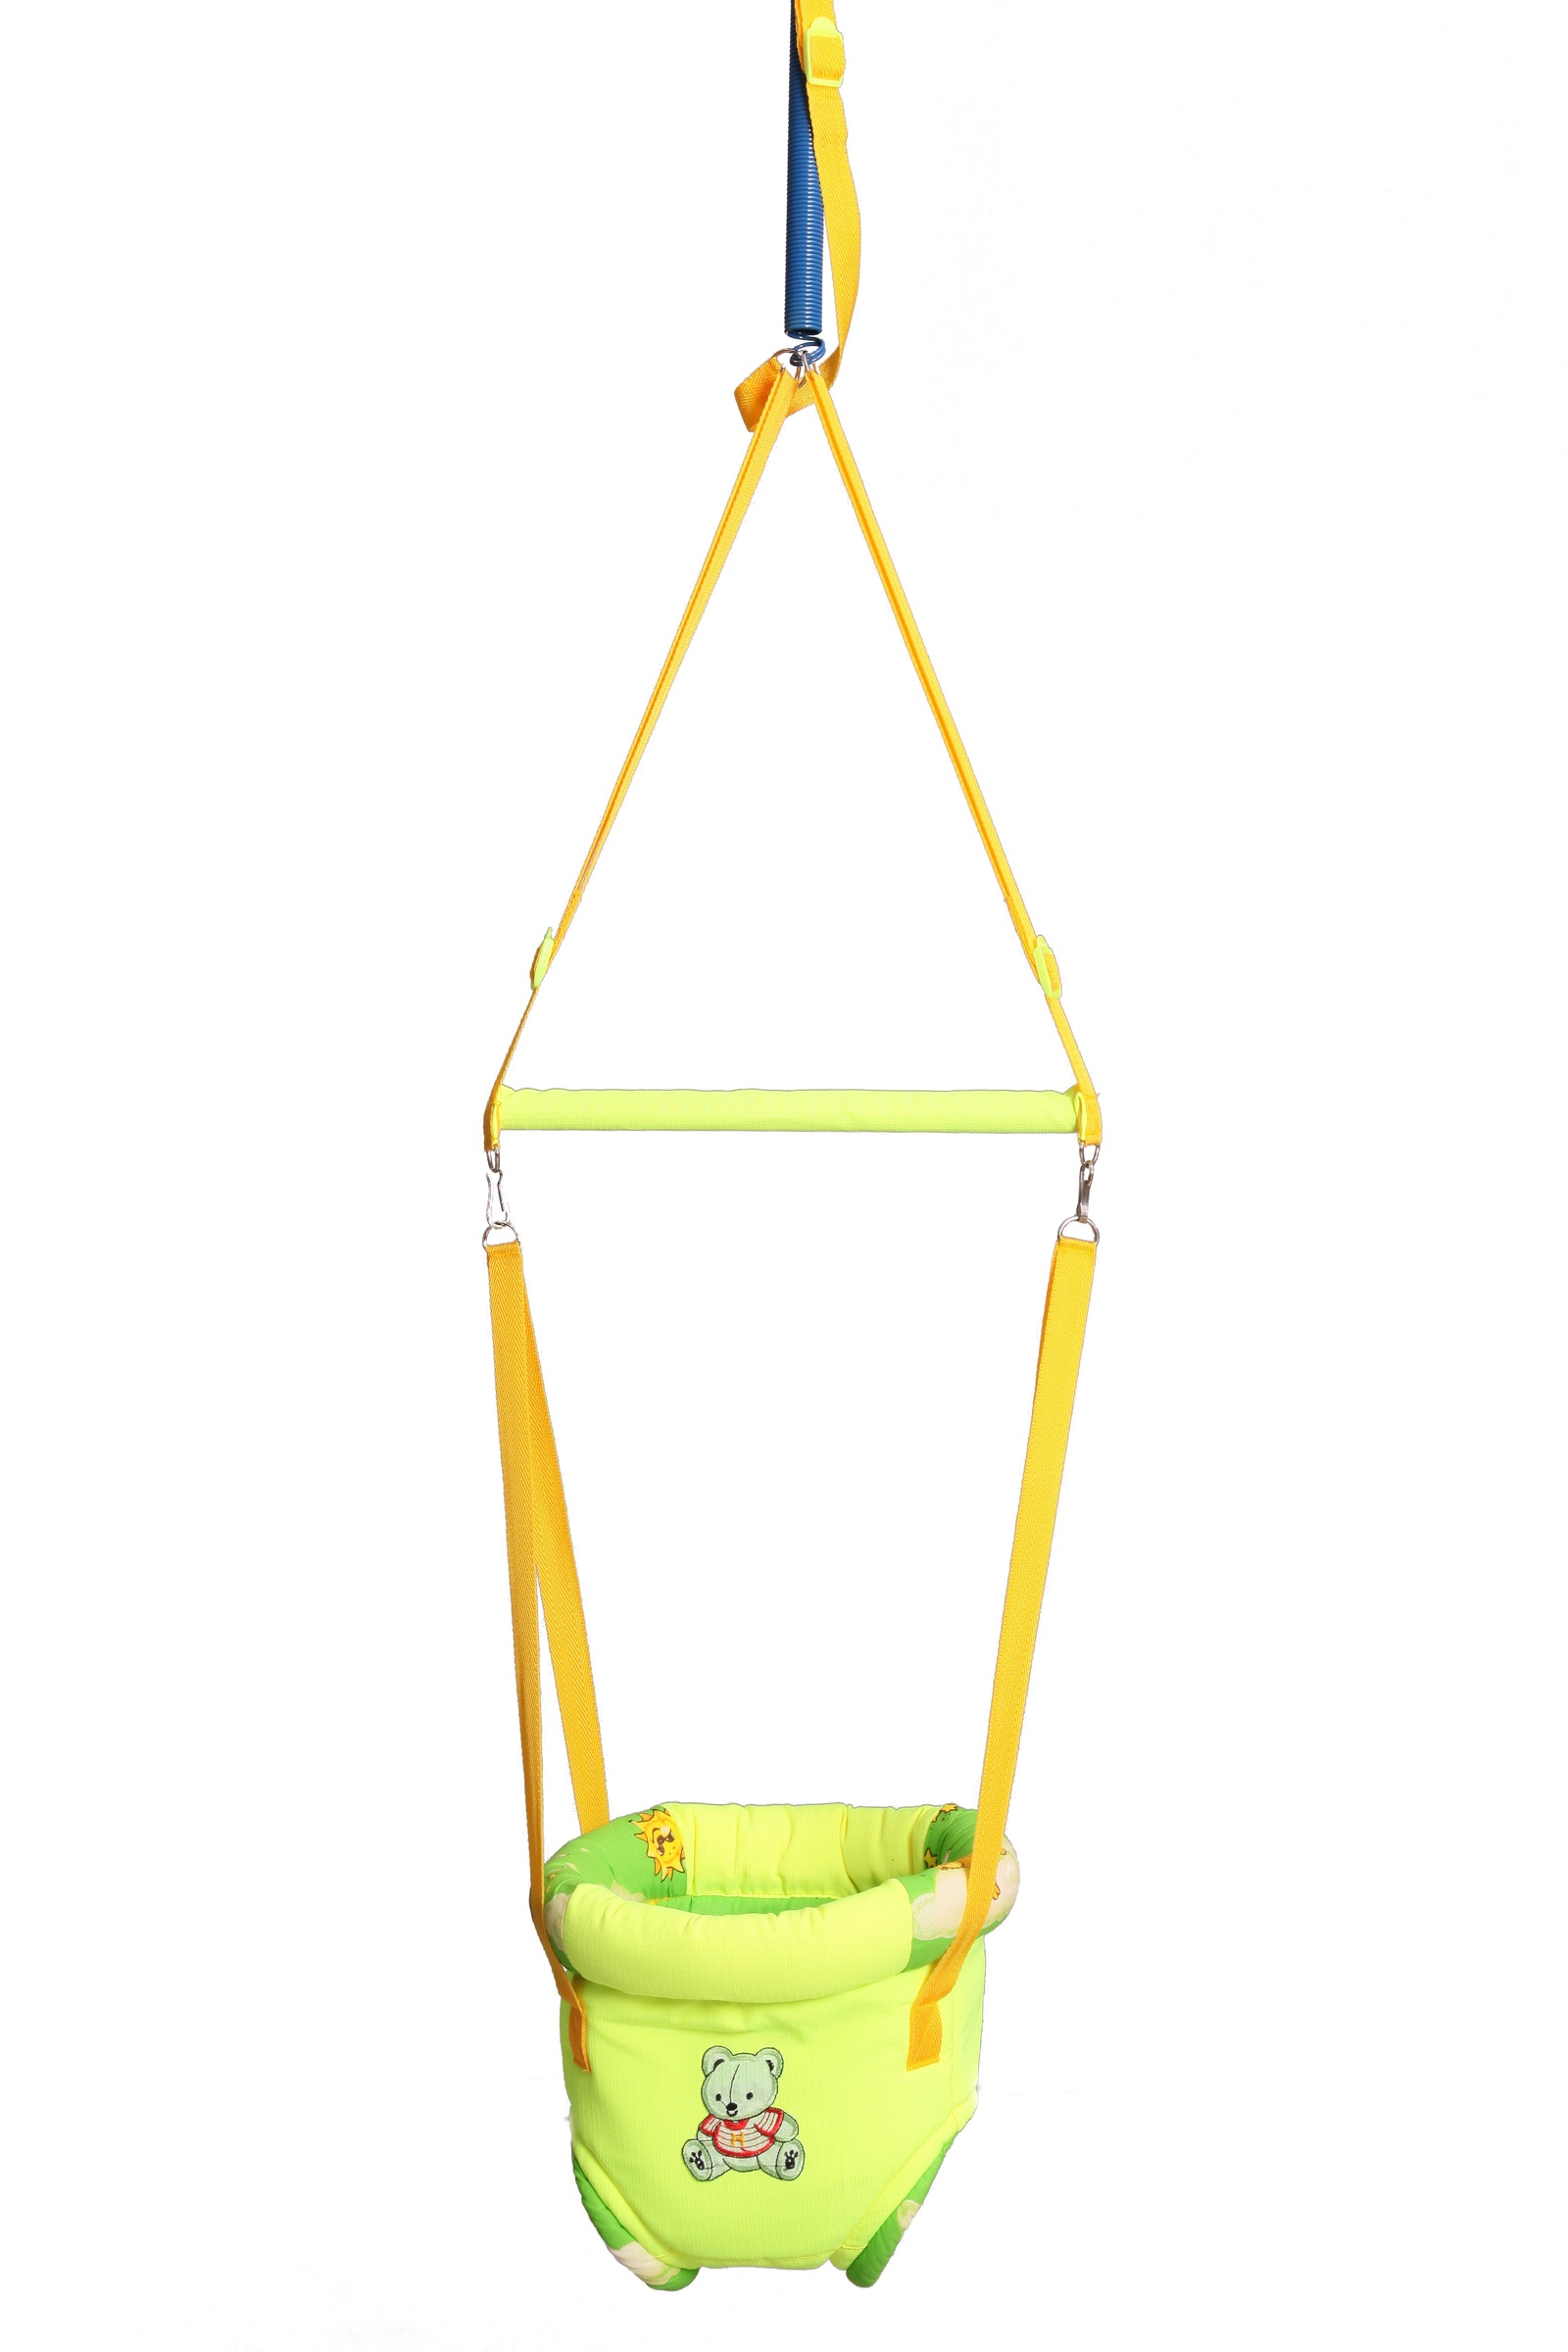 Прыгунки 3 в 1 №4 (прыгунки, качели, тарзанка), цвет салатовый